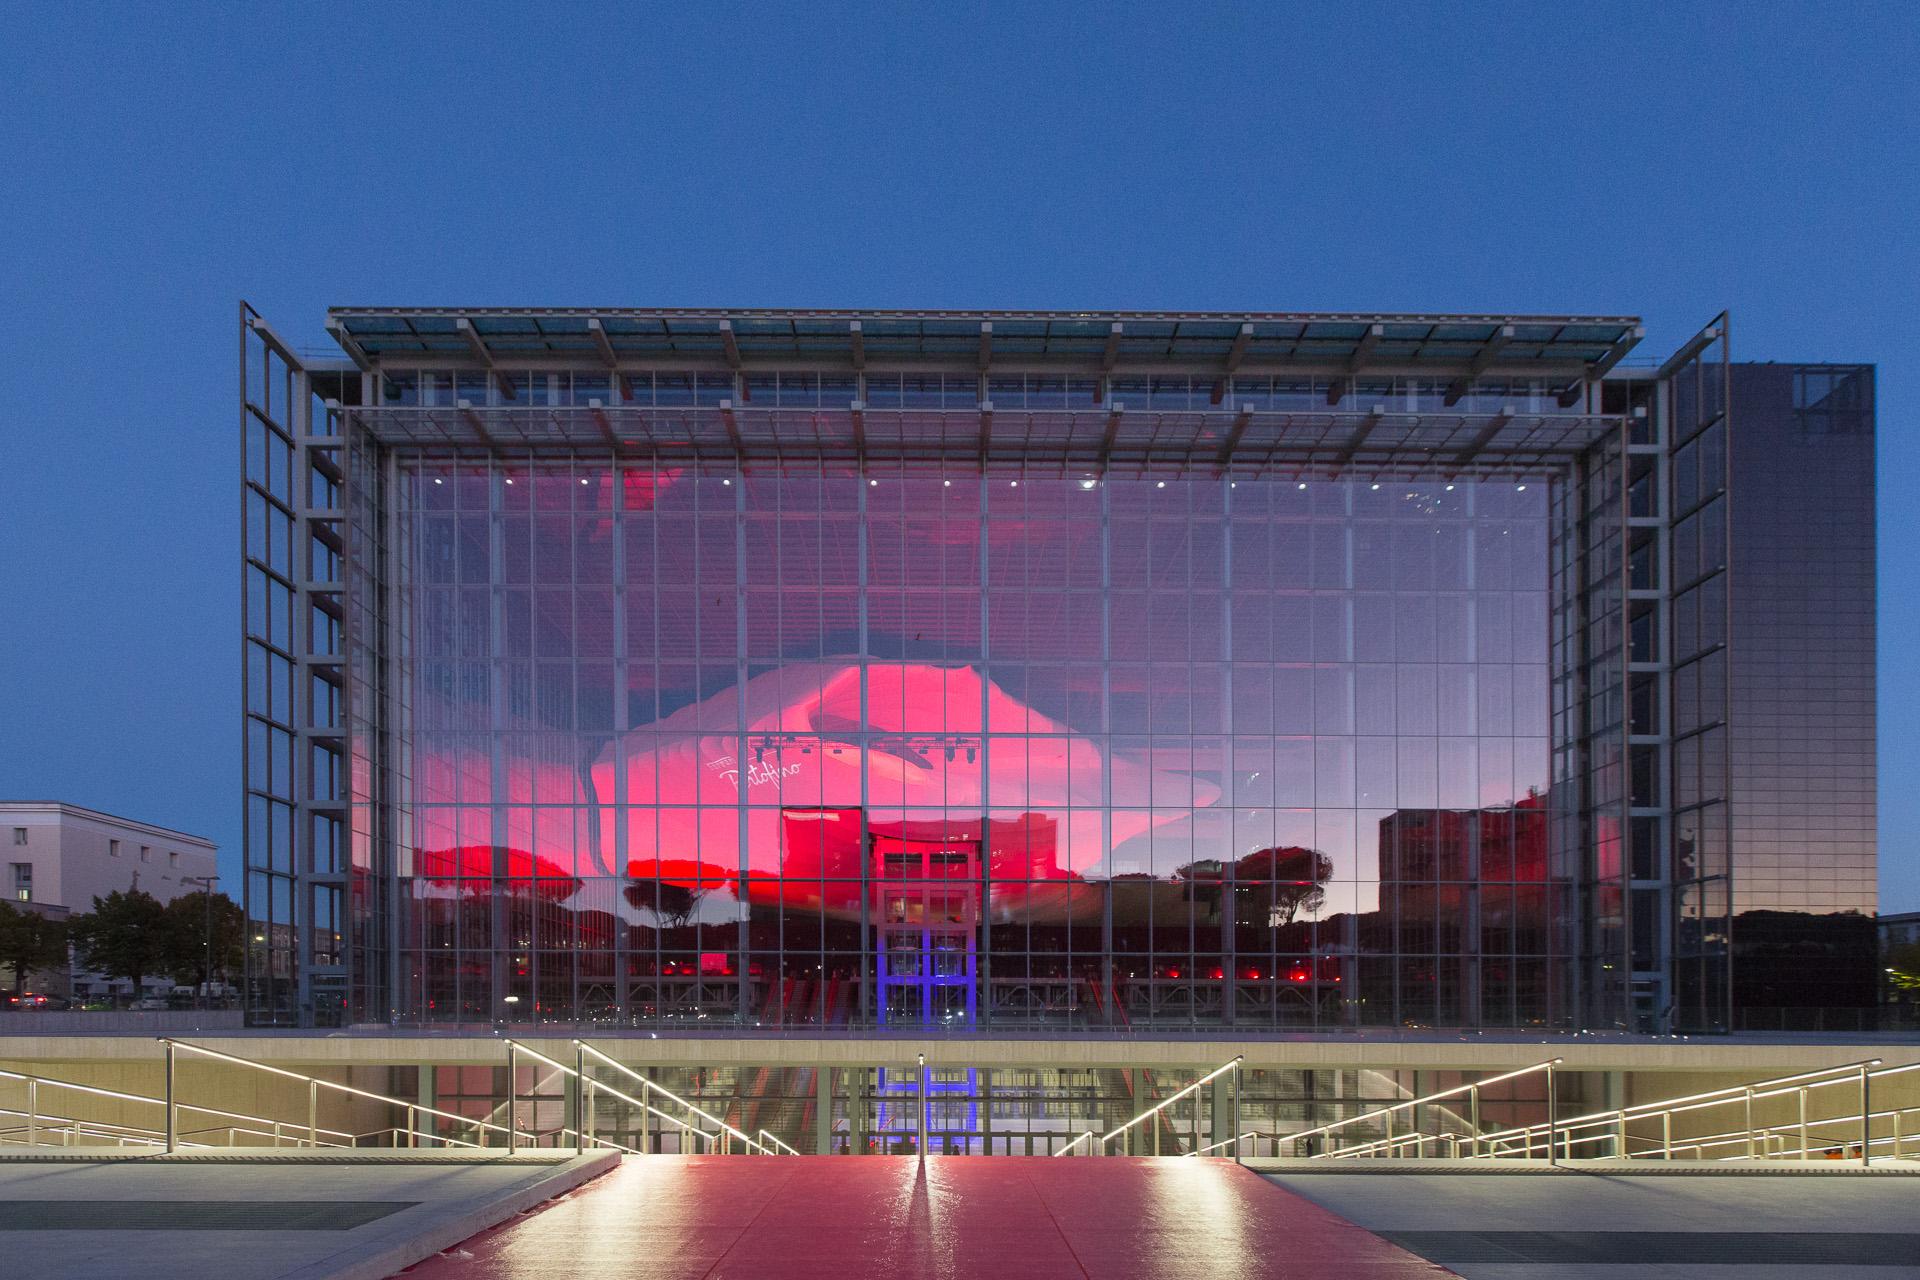 La Nuvola di Fuksas ospita l'evento di presentazione della Ferrari Portofino